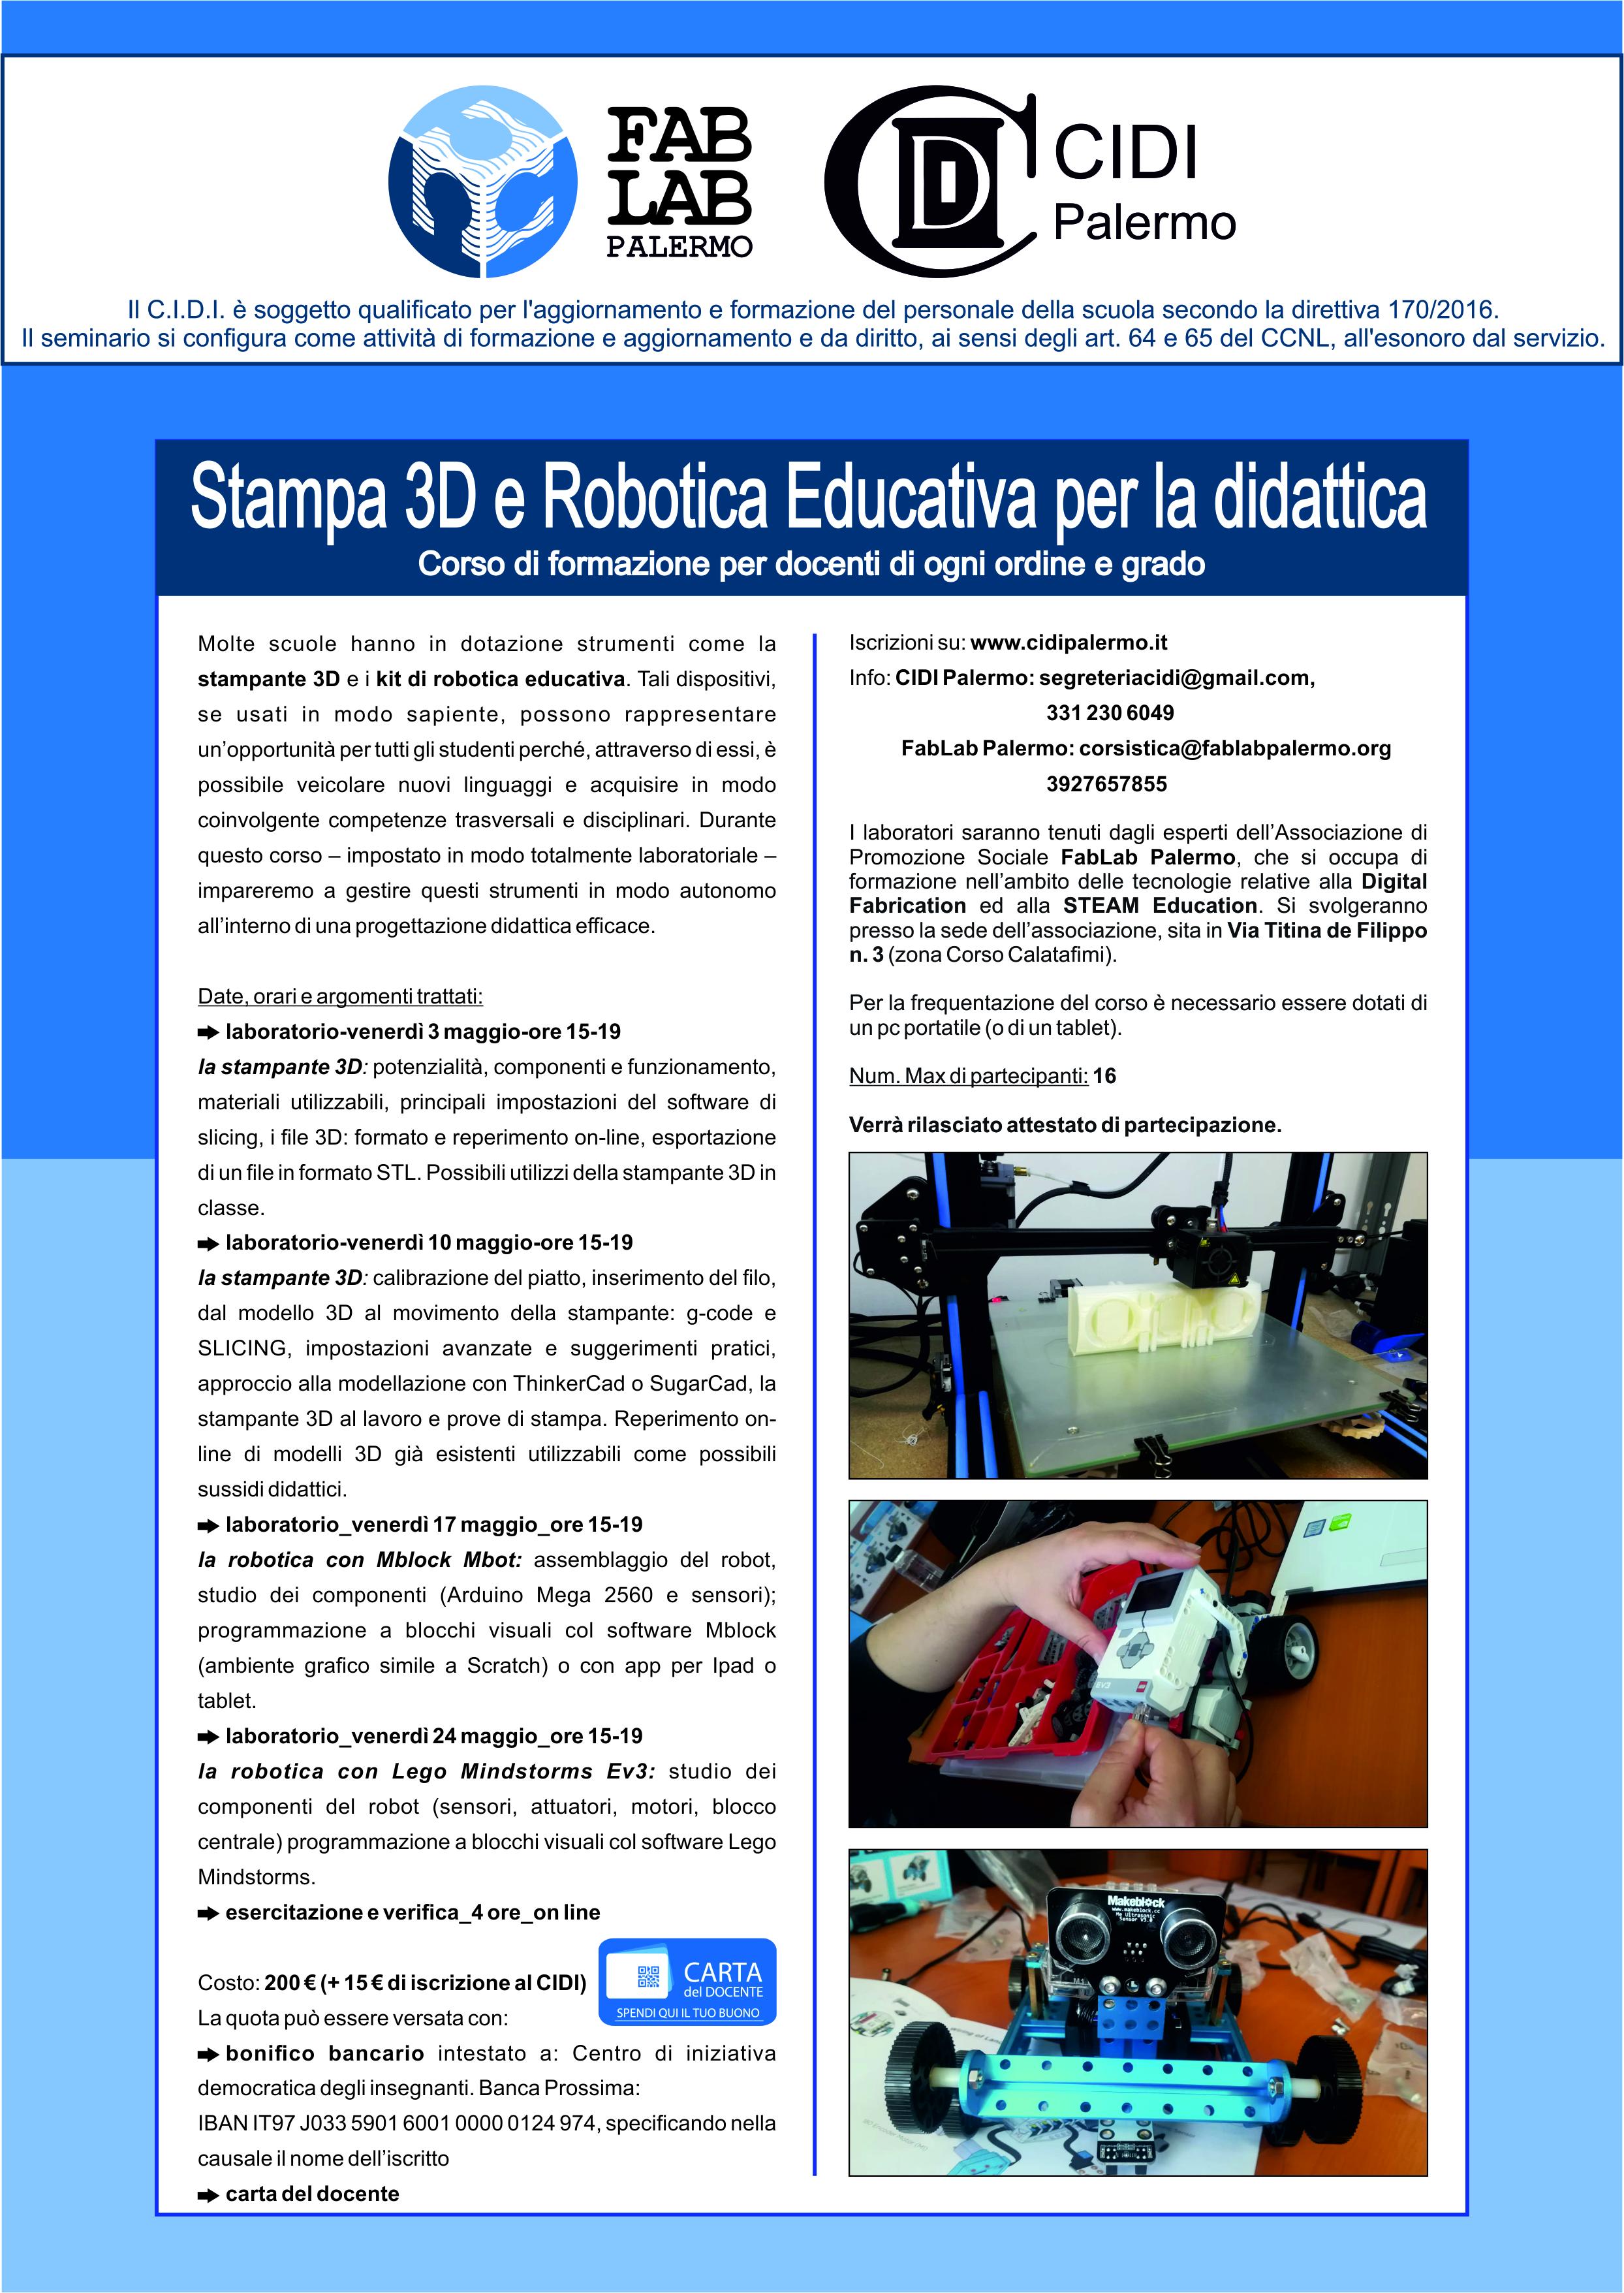 scuola_insengnanti_fablab_palermo_stampa3d_robotica_educativa